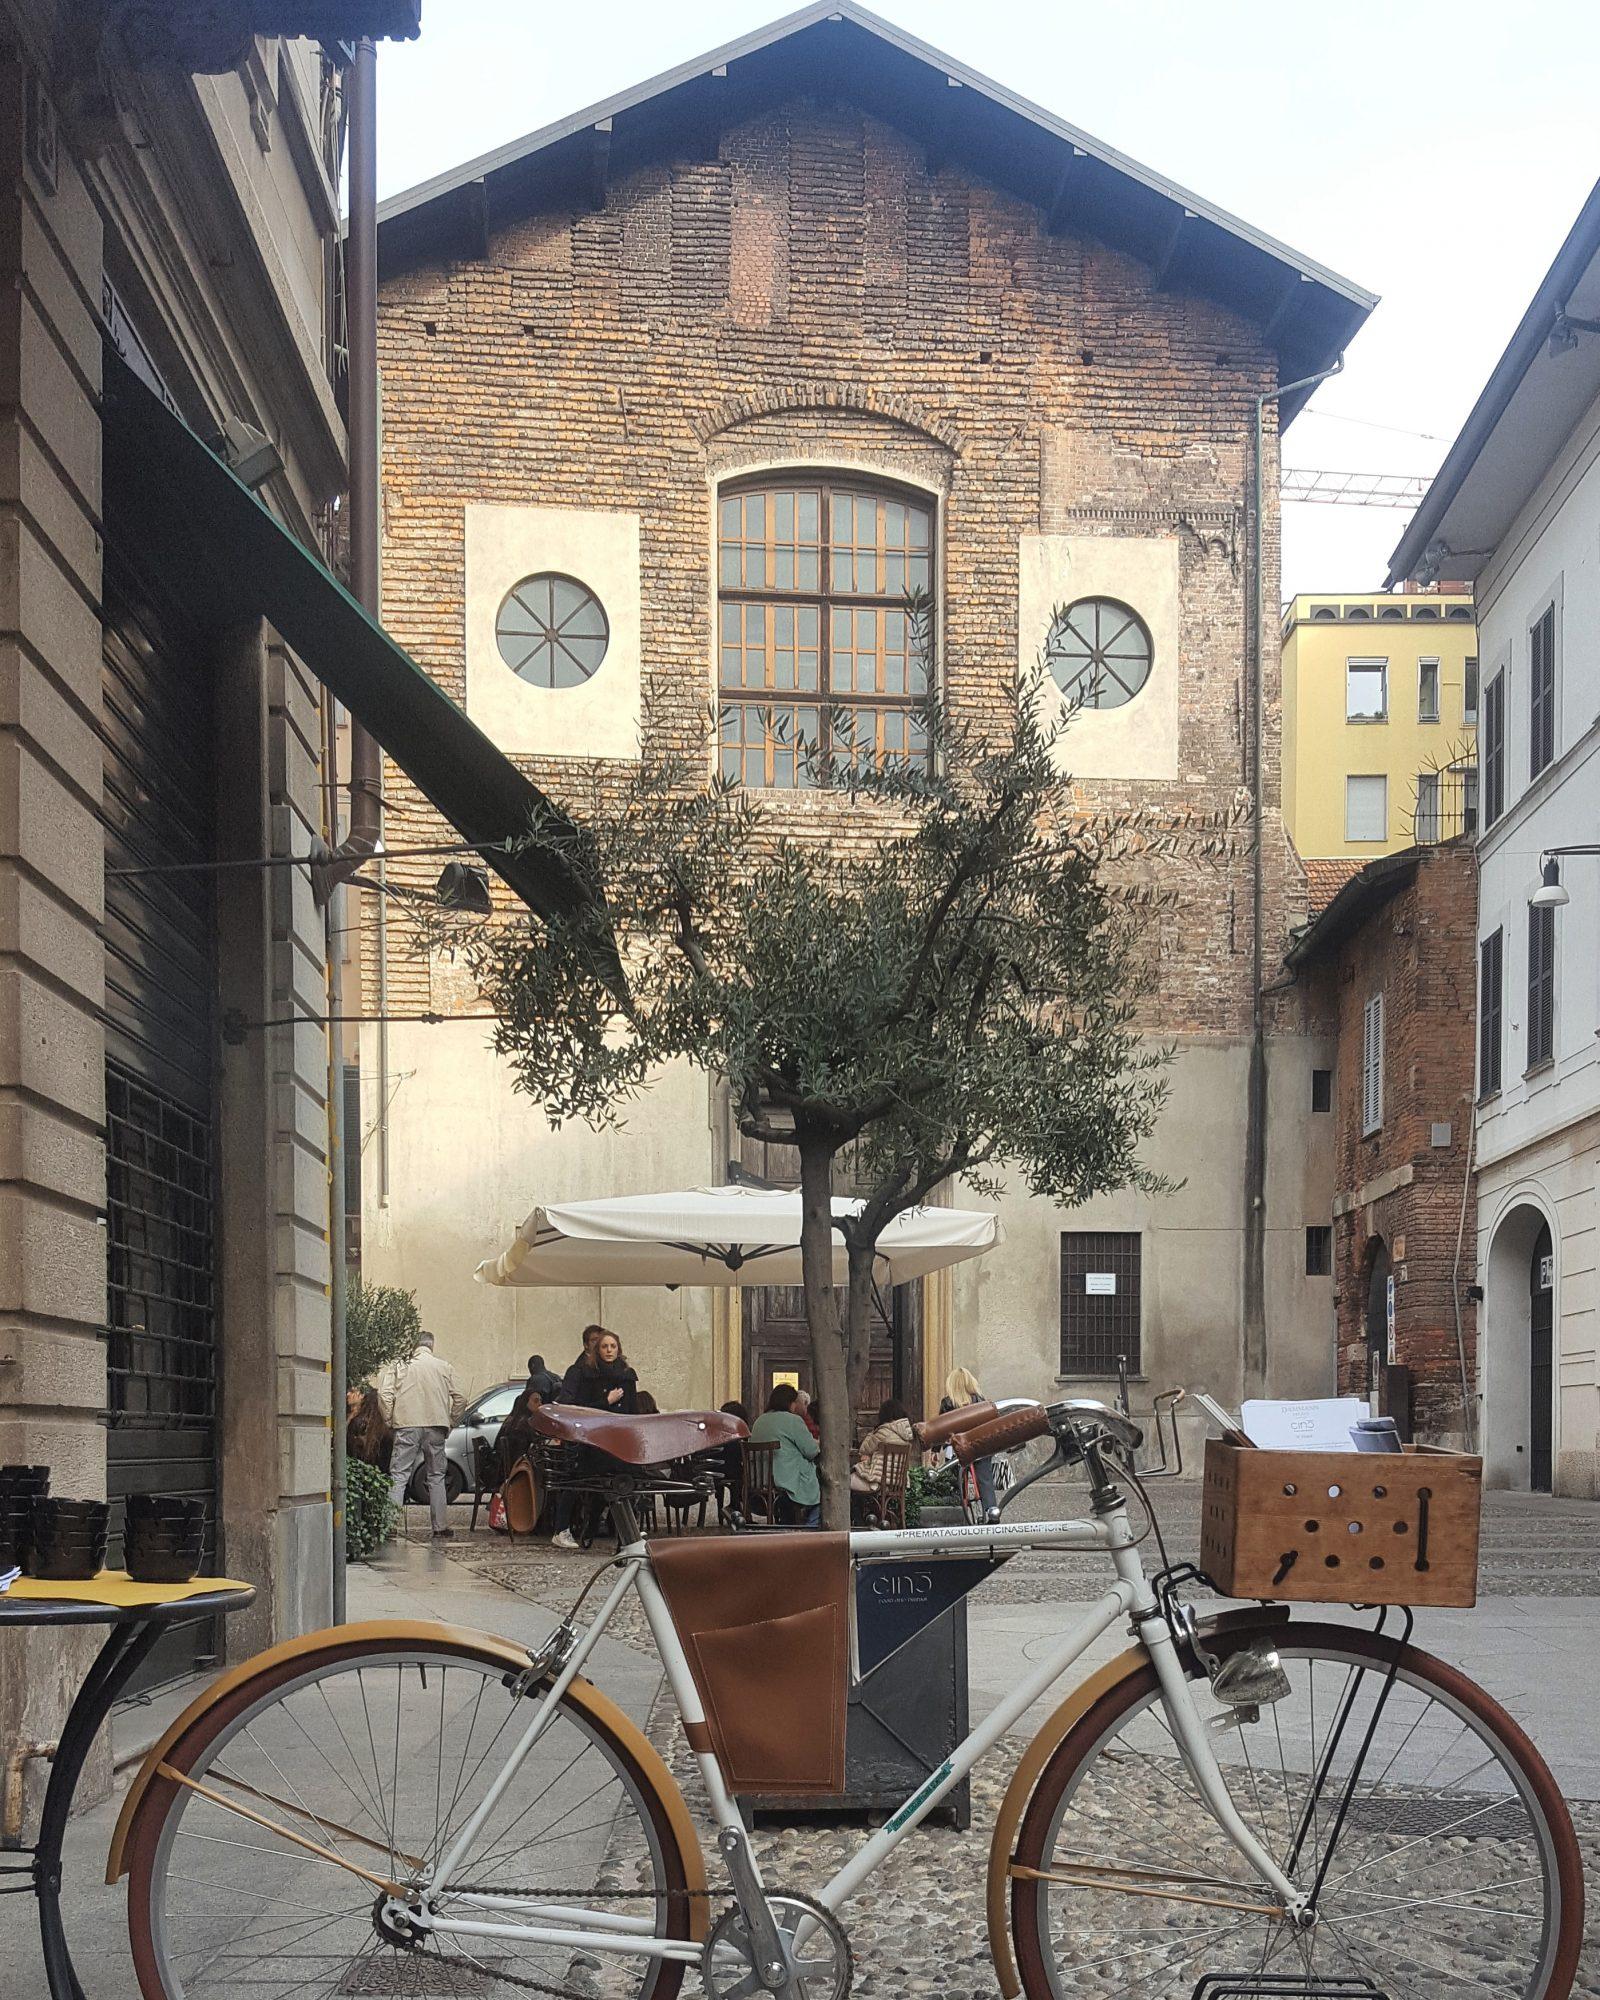 Cinc Milano